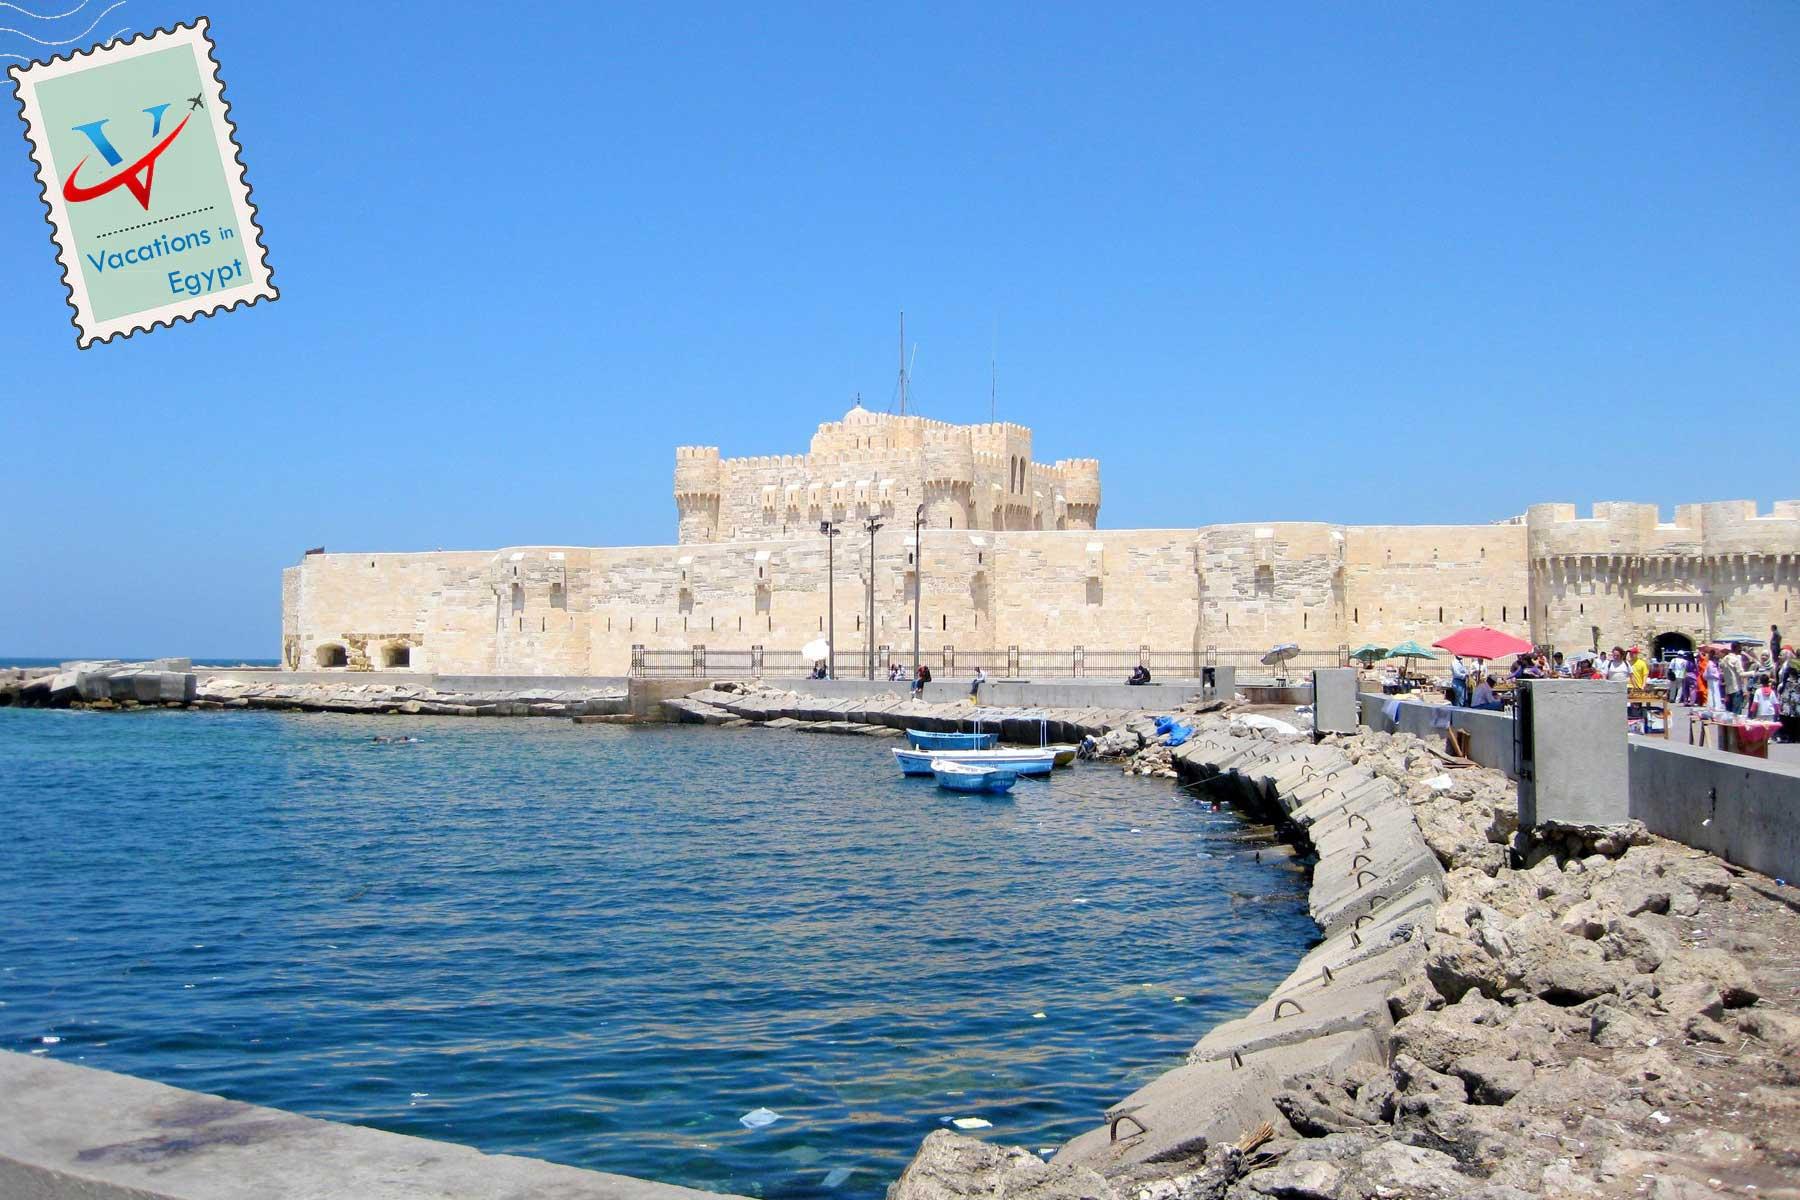 alexandria egypt tourism